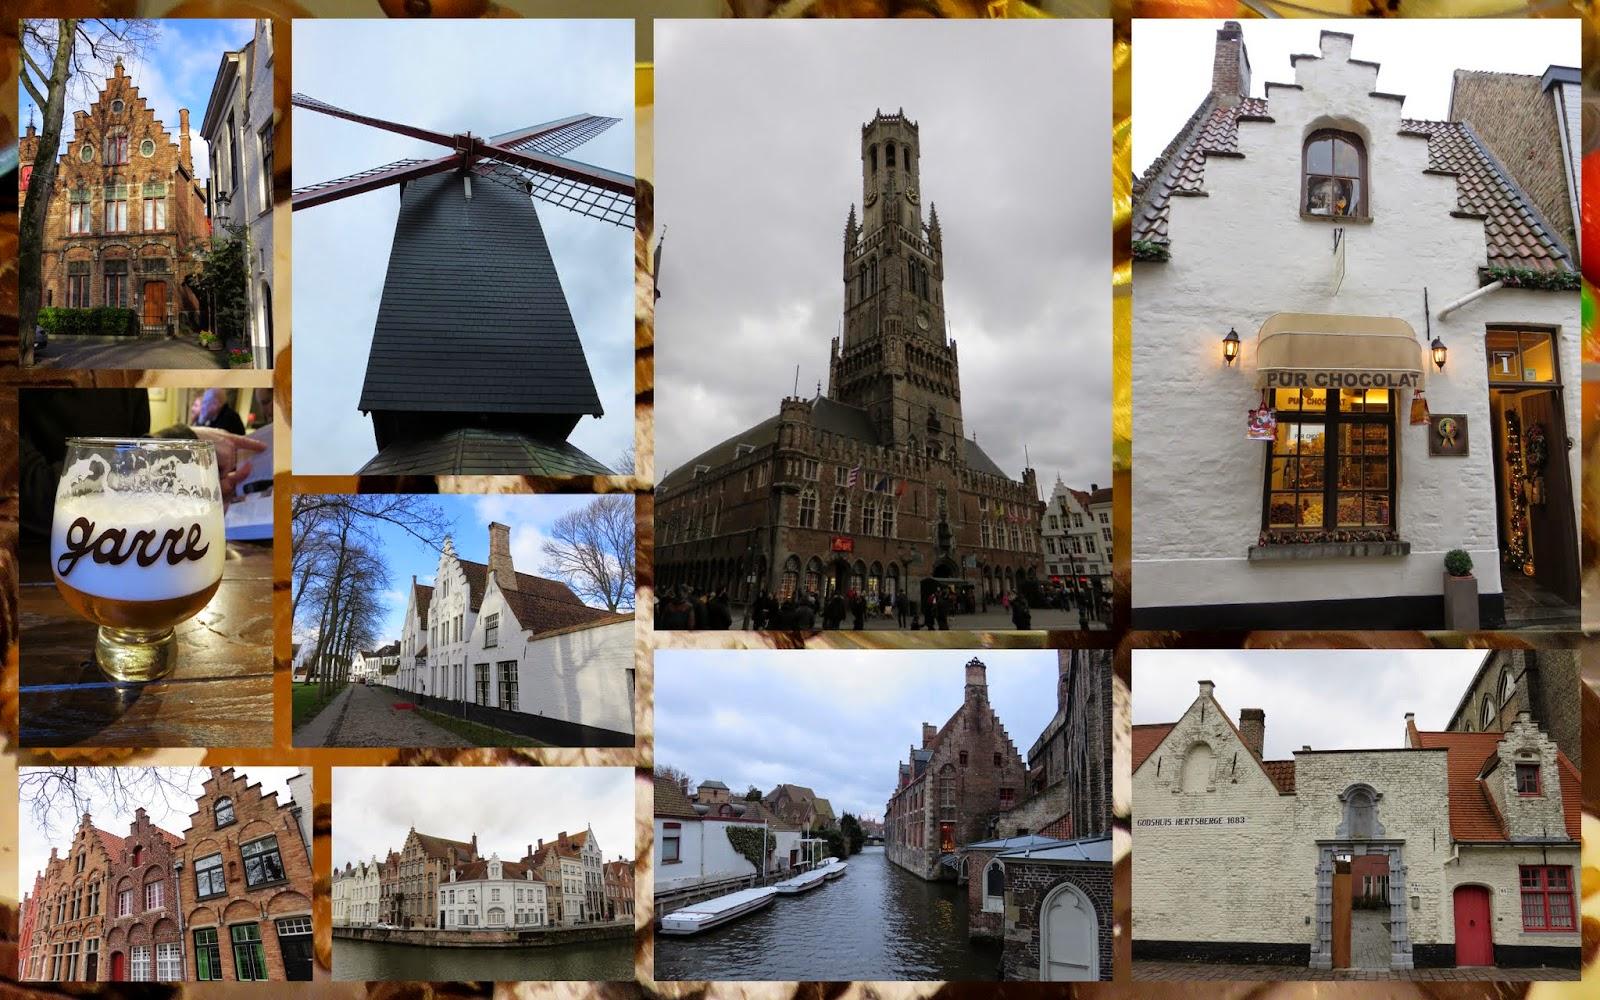 Ride the rails to Bruges, Belgium